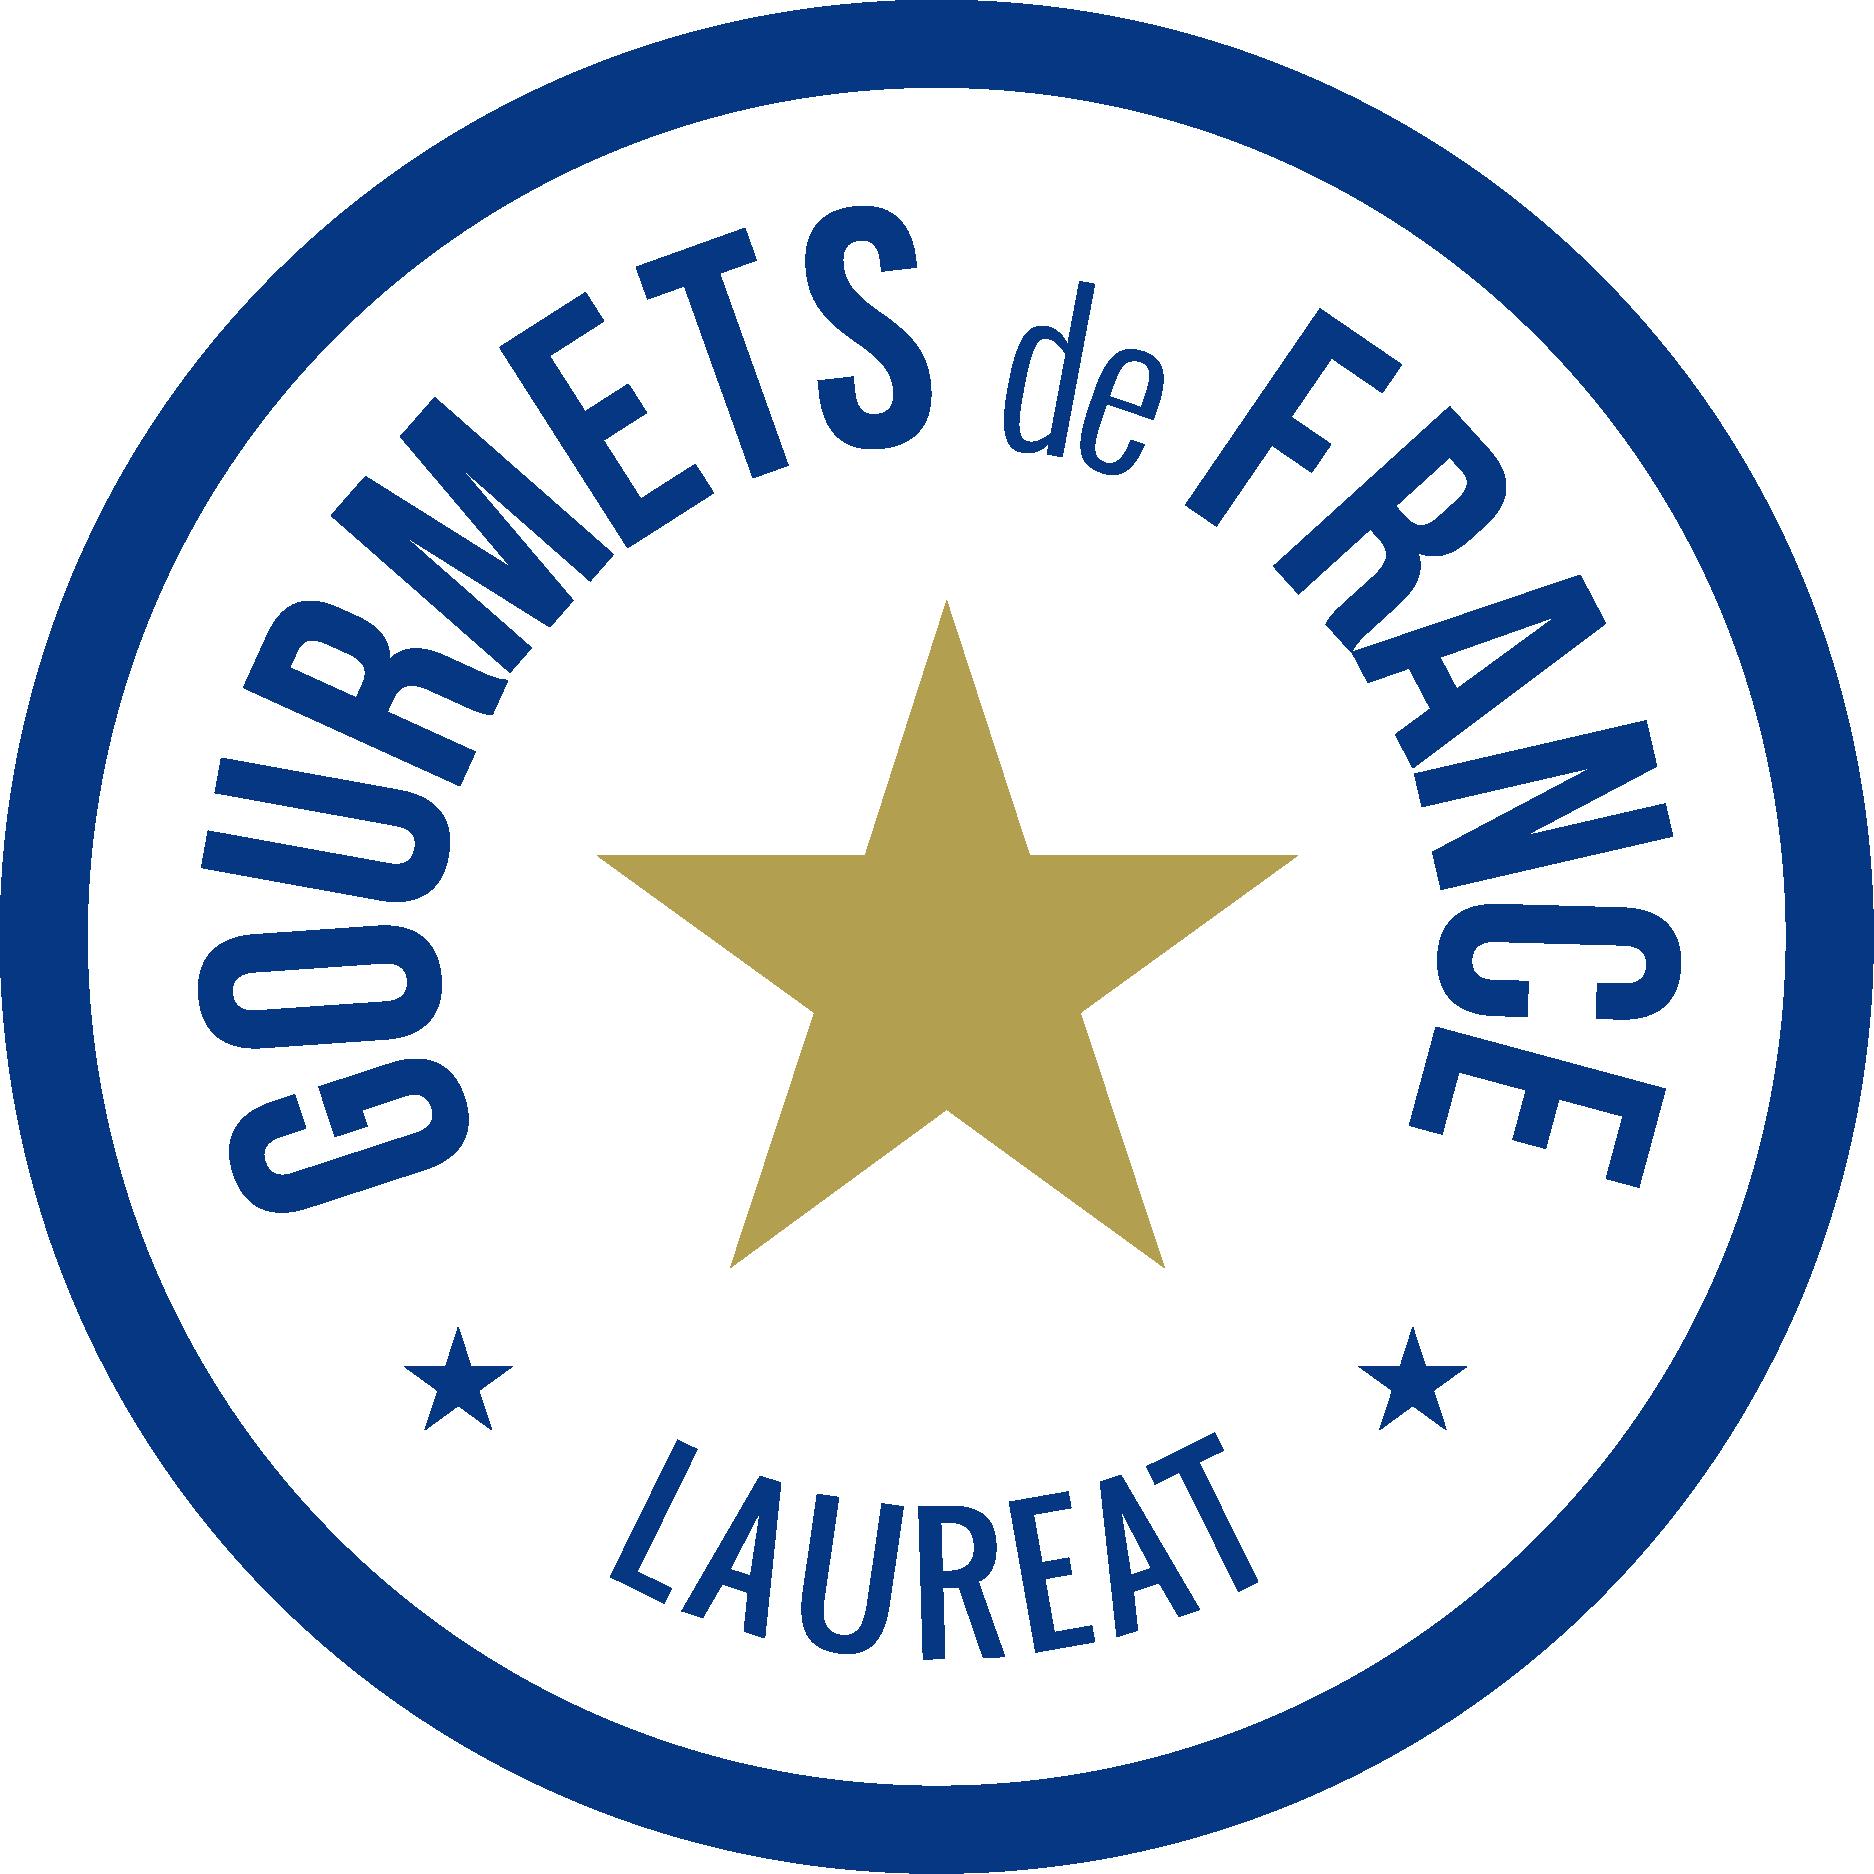 Le label Lauréat Gourmets de France évolue UploadedFile_7641e1bdd287b0070bdcabd07a9916ad